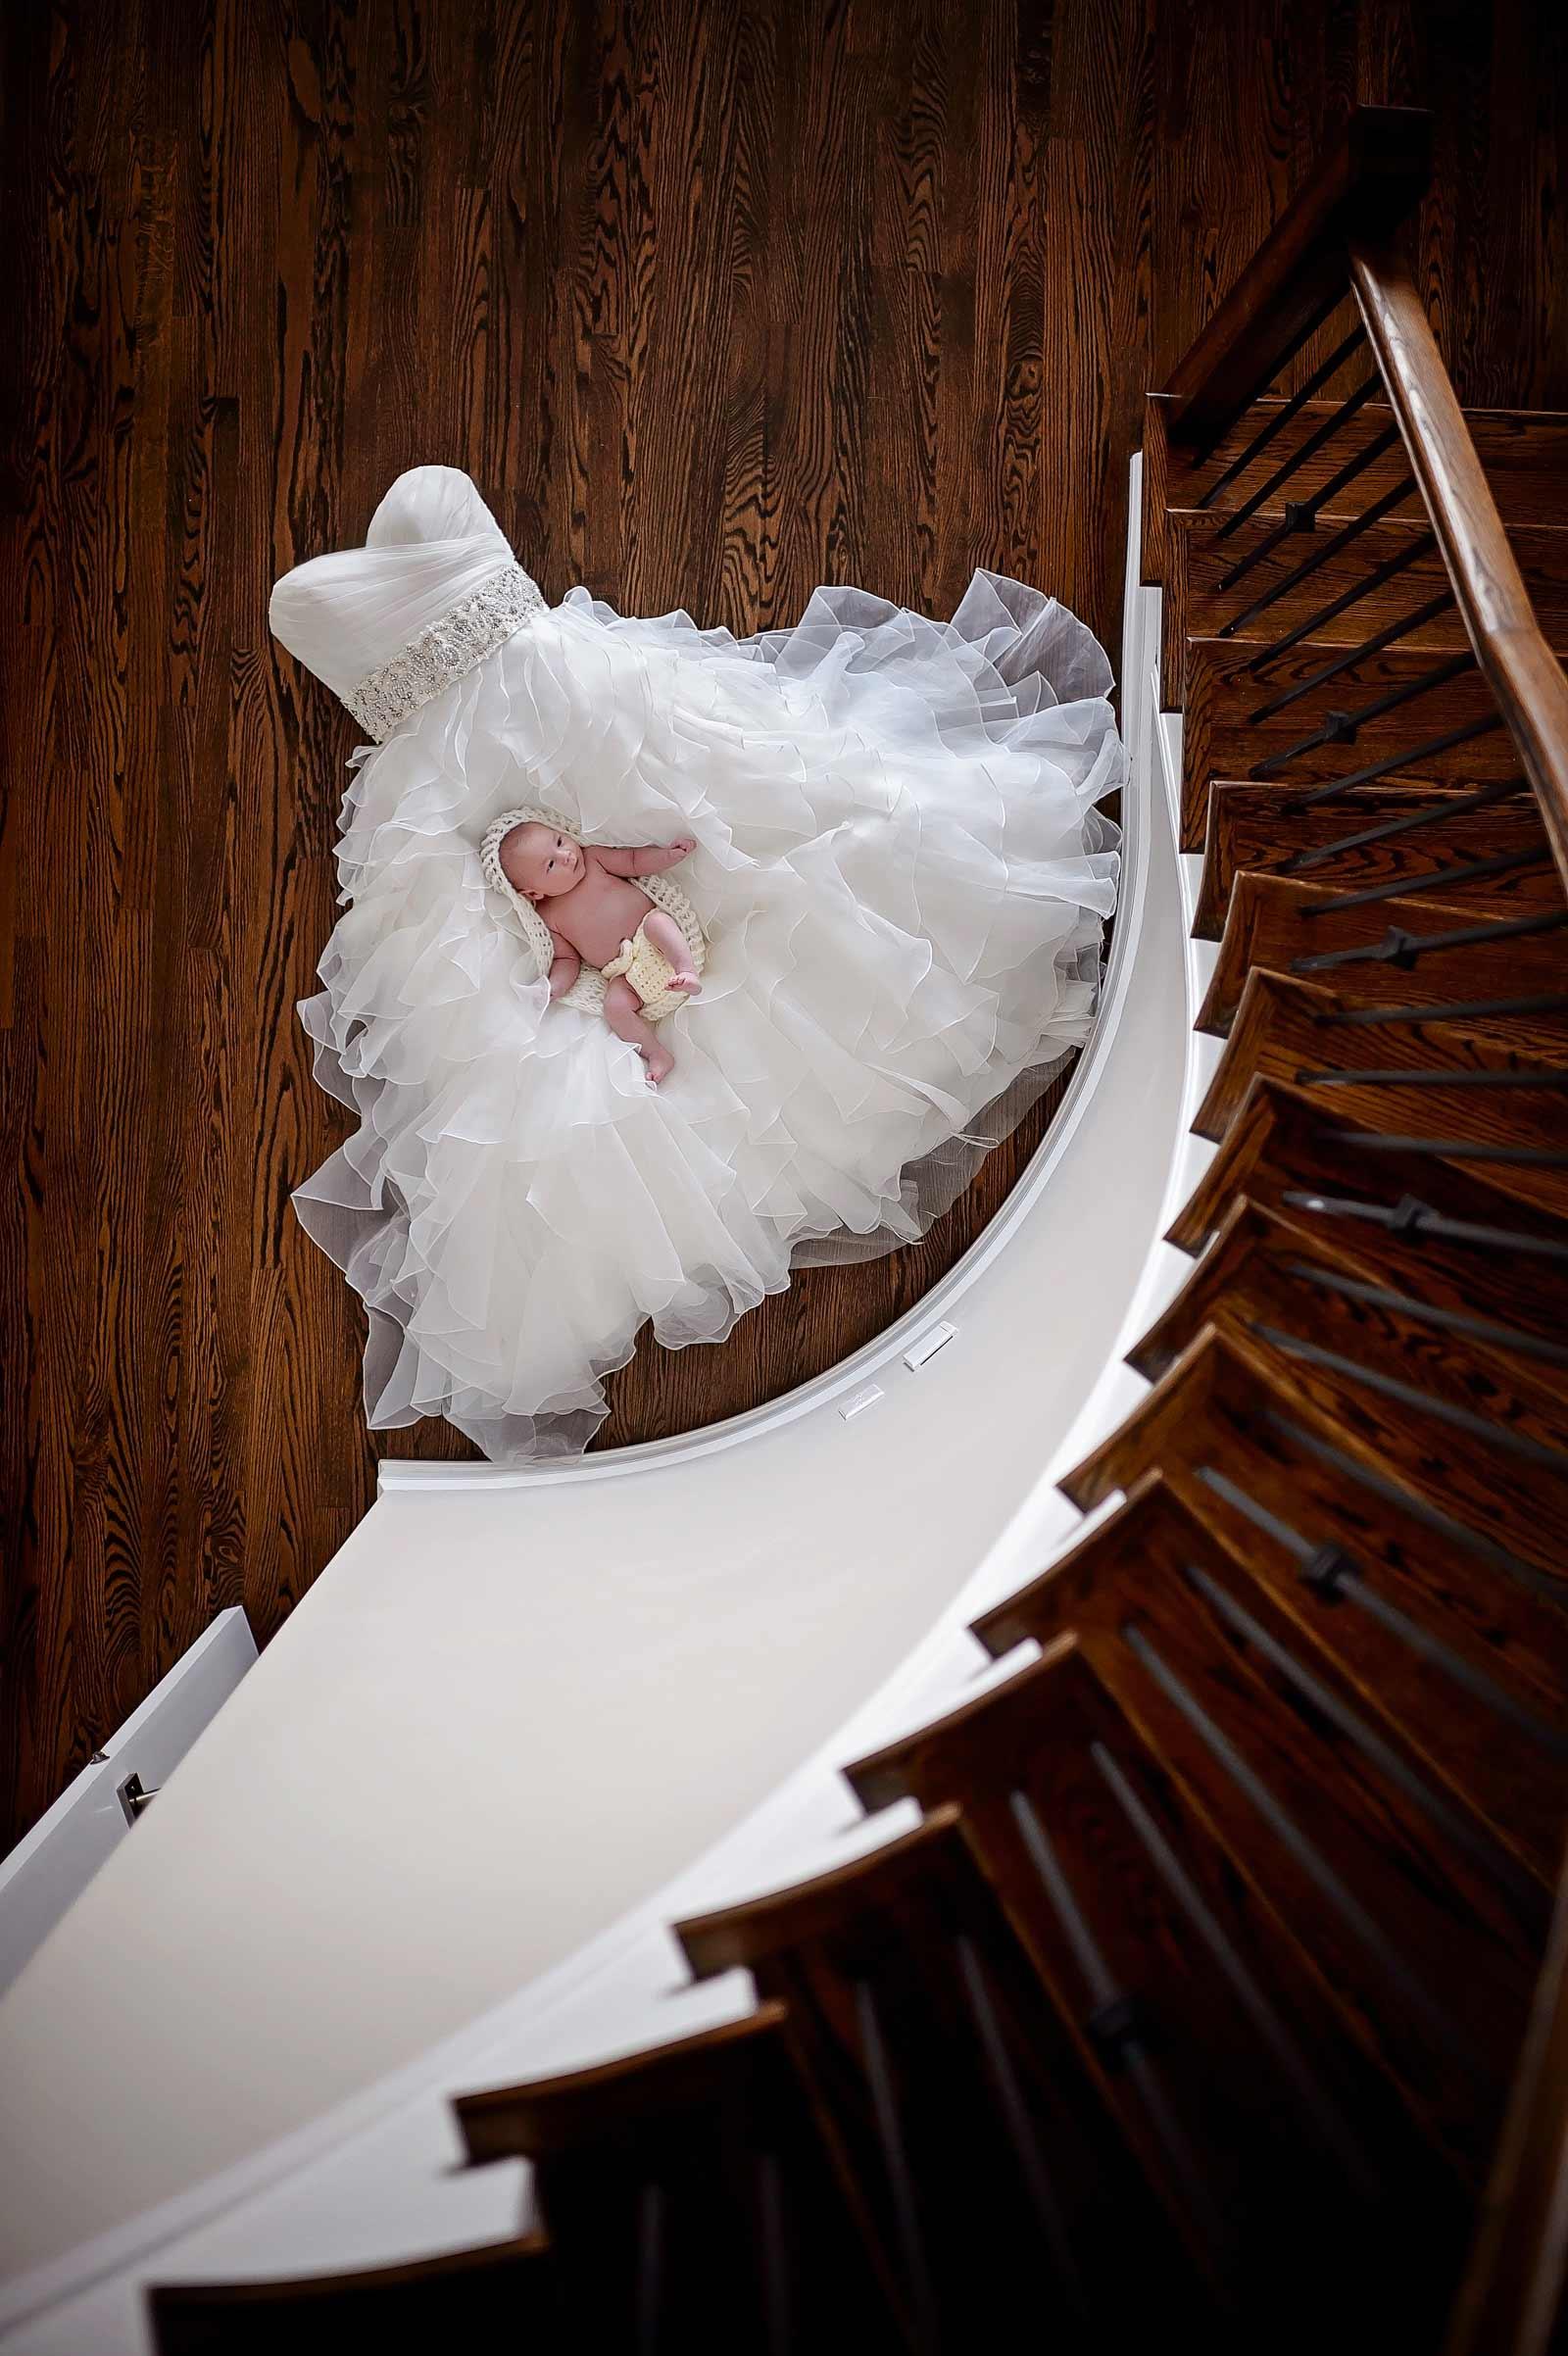 baby-gabrielle-sneakpeek-11